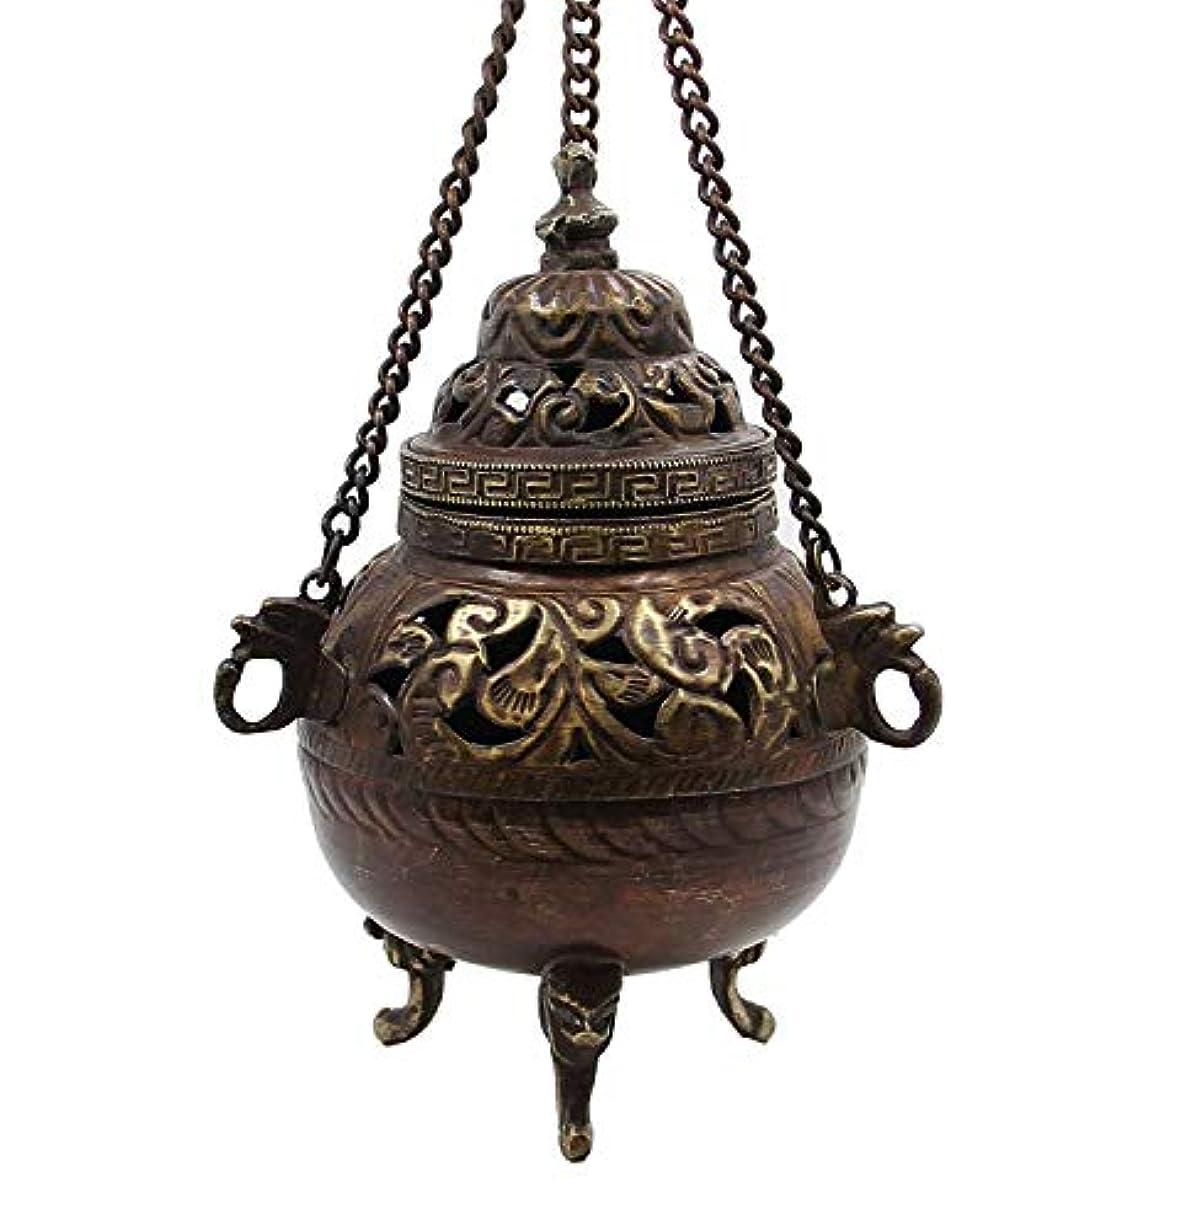 確かな錫肉屋チベット従来DharmaObjects Hanging香炉銅5 cm高